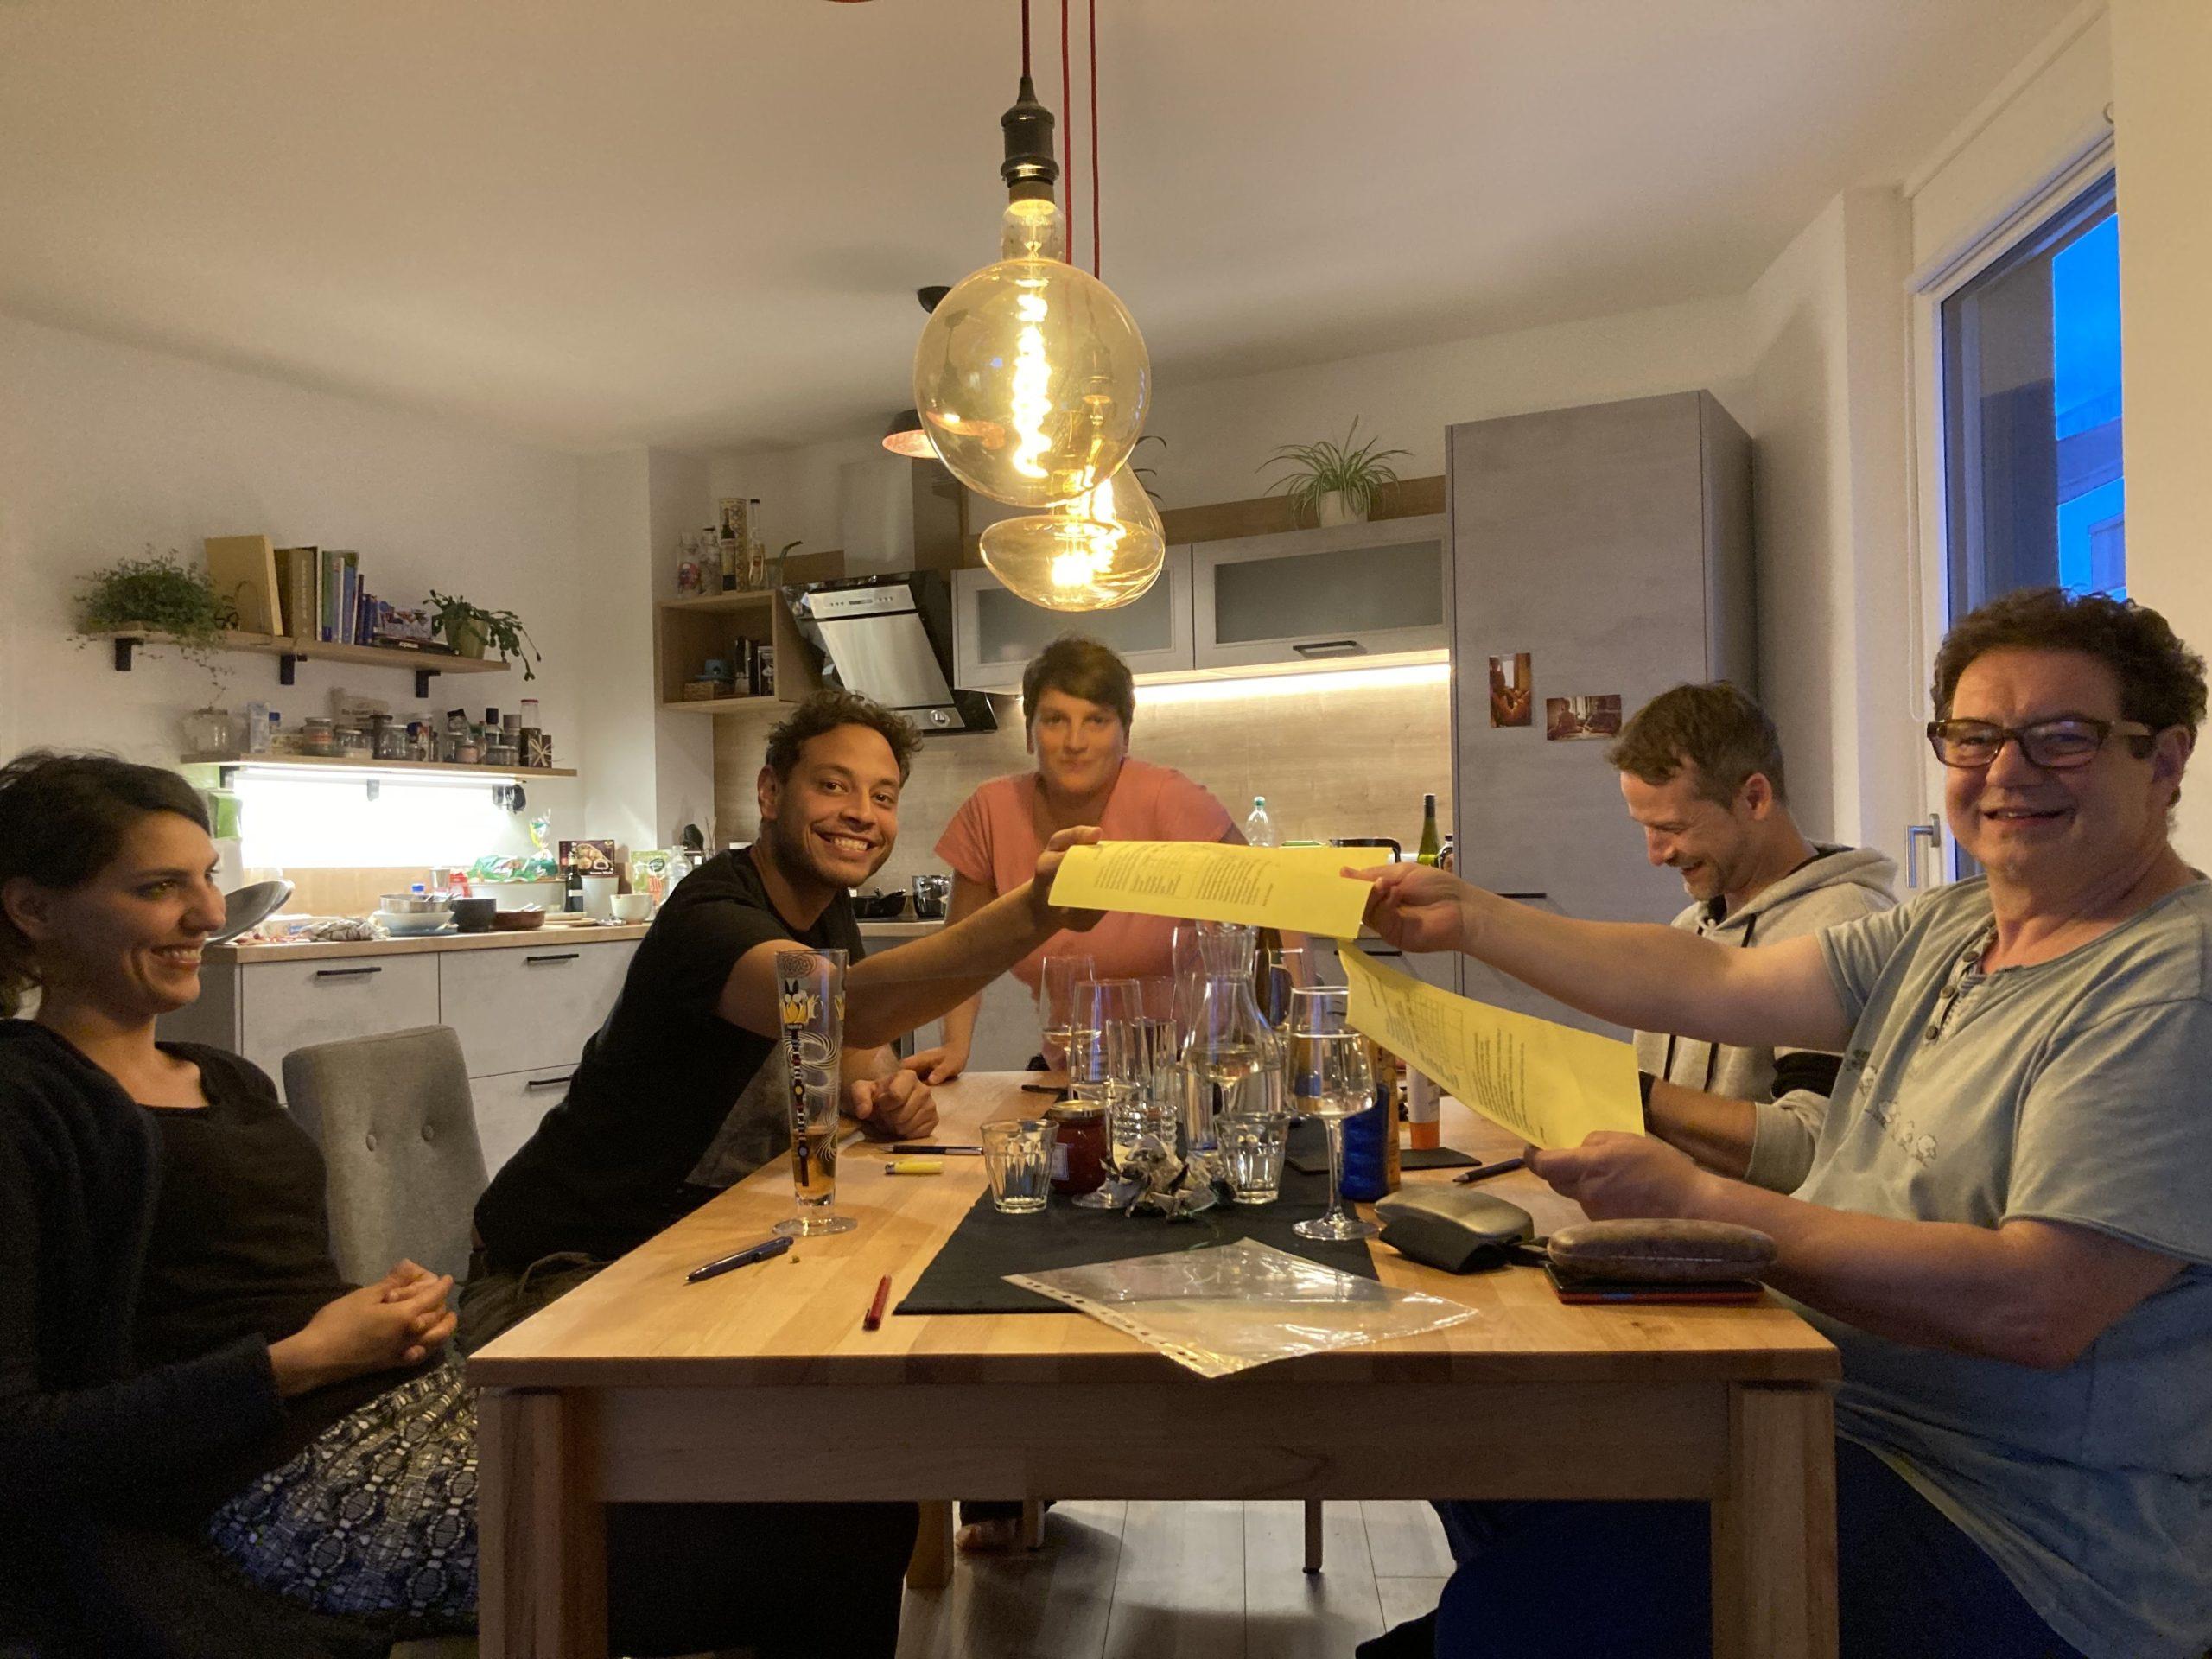 Sonnencremen Test-Party bei dem wir-leben-nachhaltig Blogger Christian zuhause.